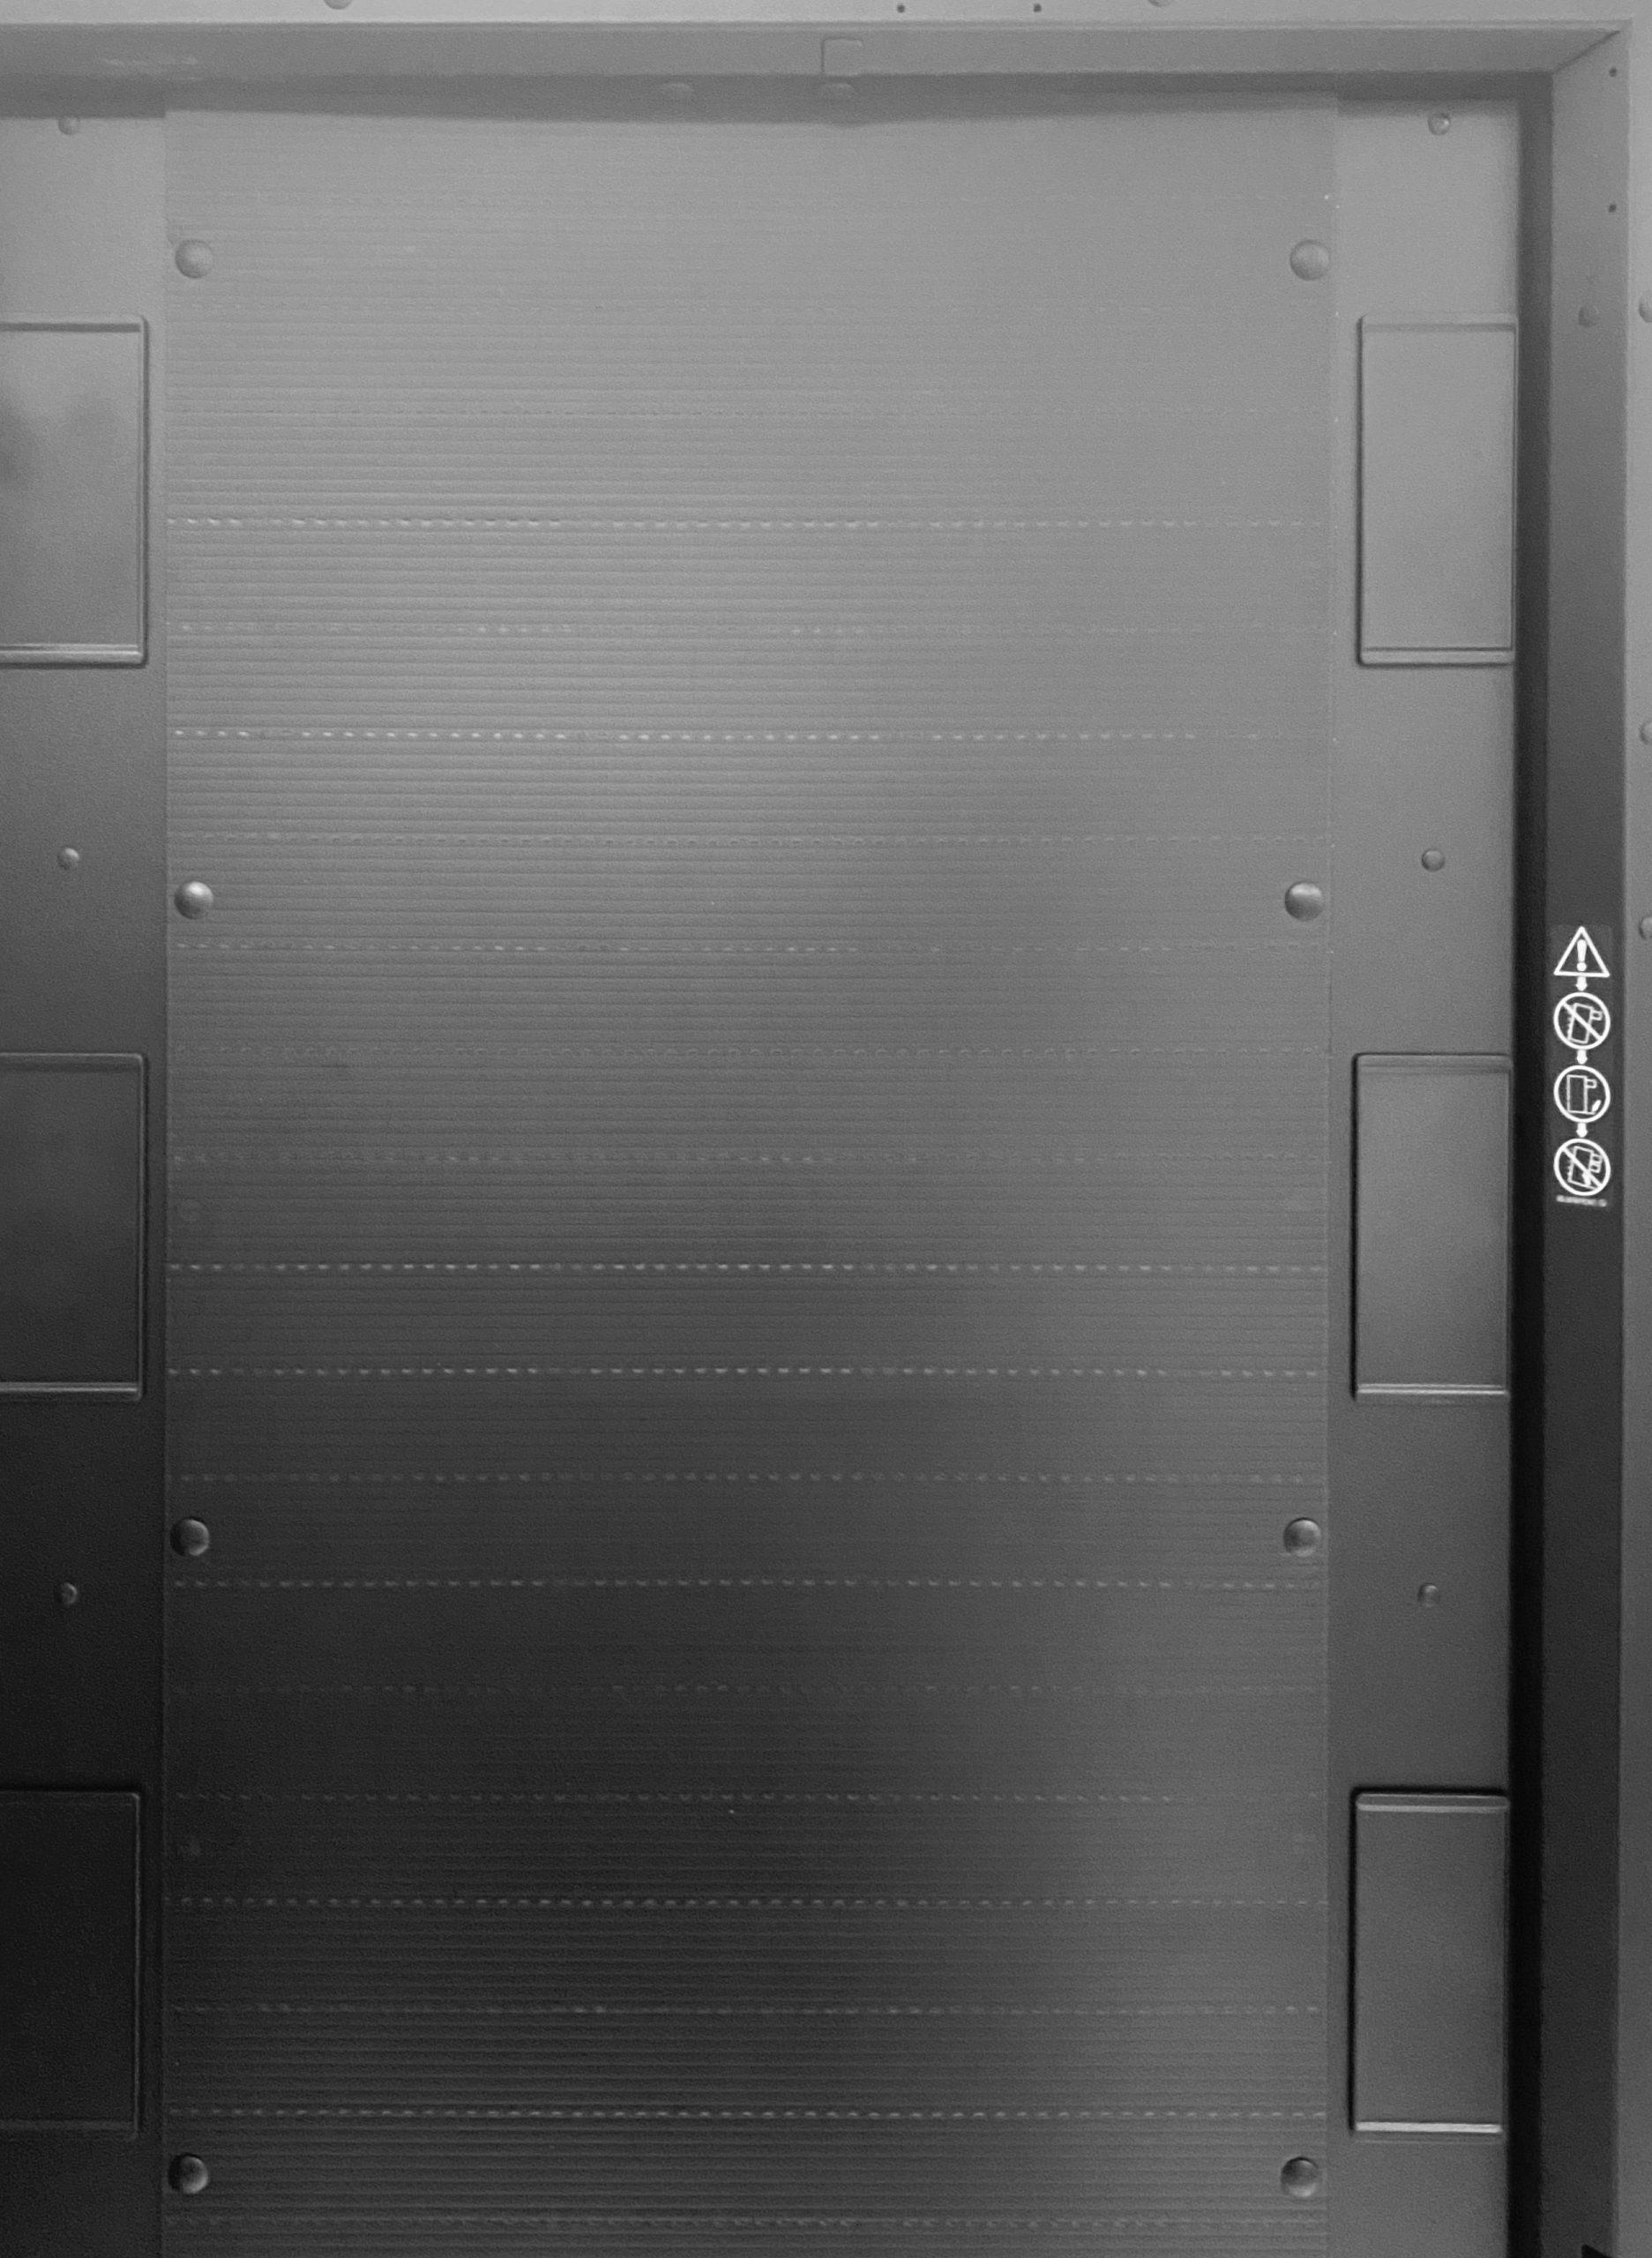 Full Rack Blanking Panels scaled - Rackfill Full Cabinet Blanking Panel Kits